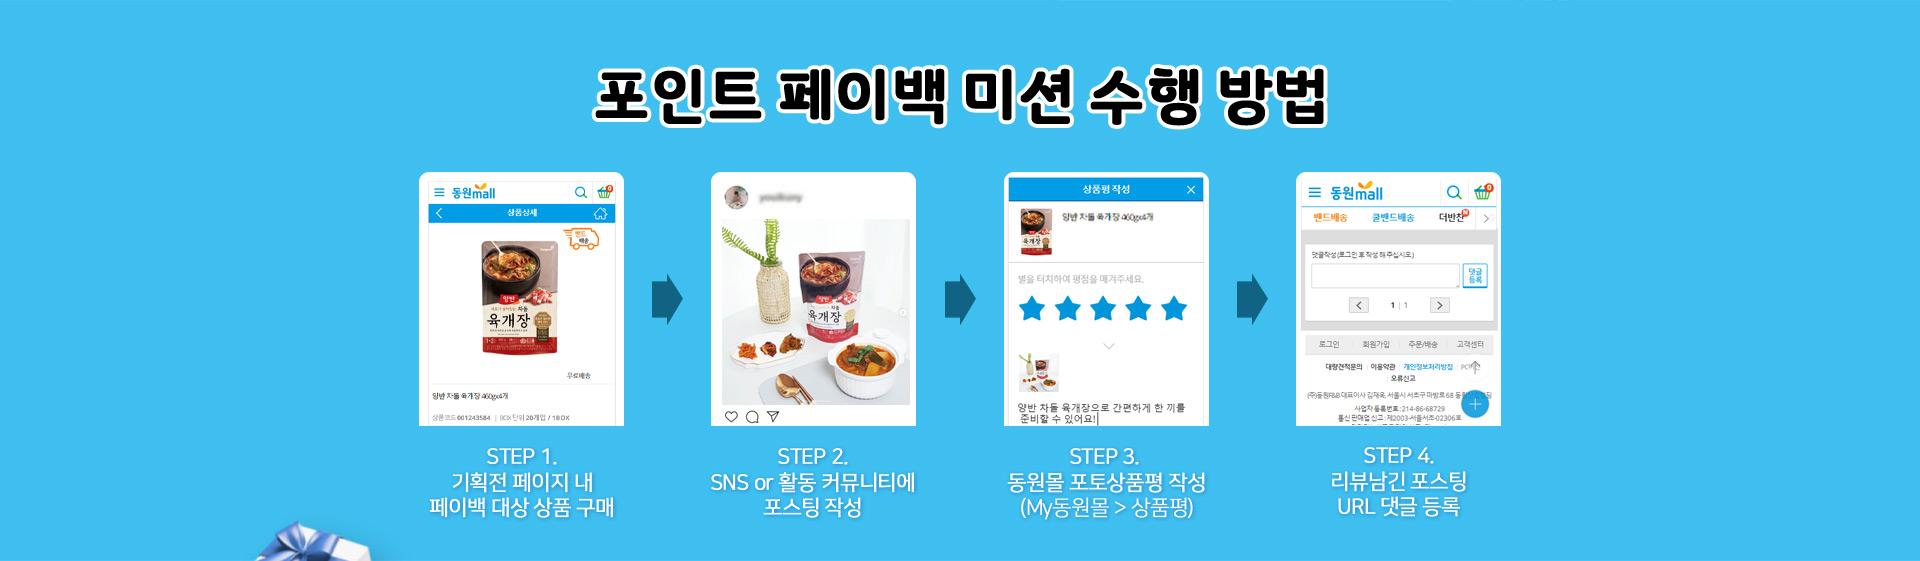 포인트 페이백 미션 수행 방법